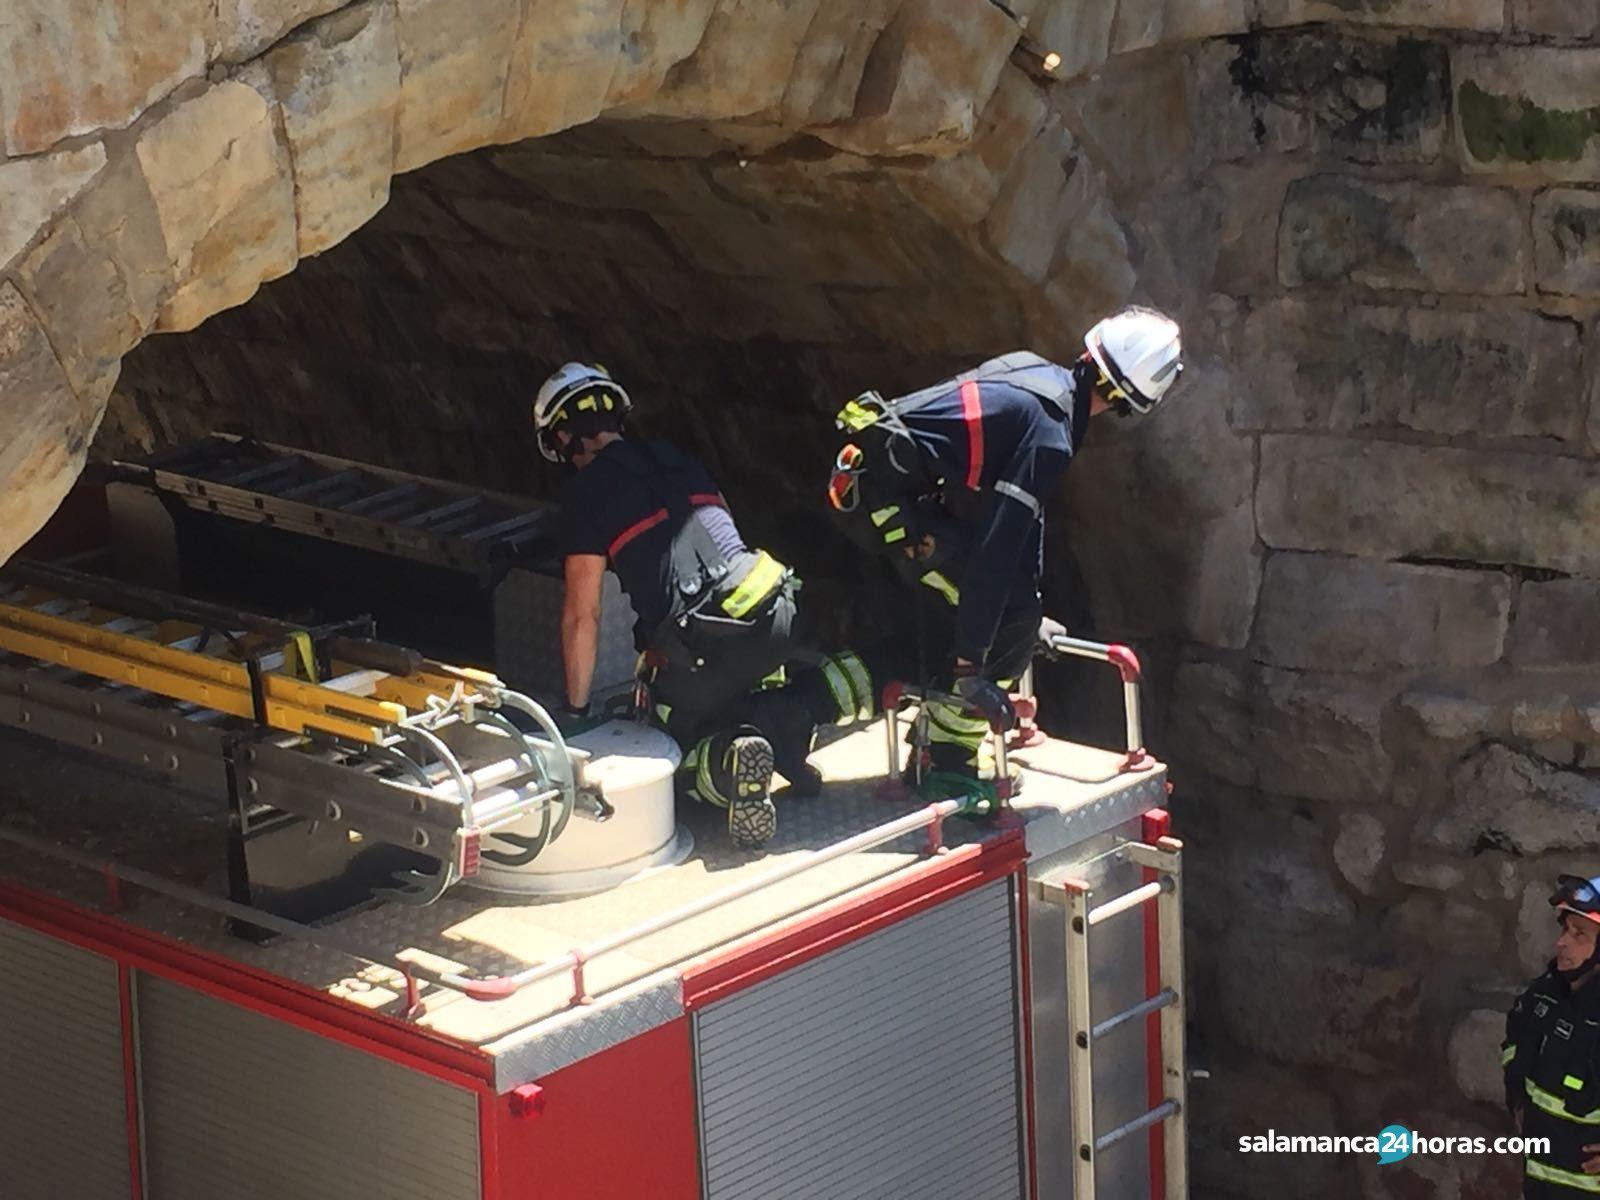 Un camión arranca varias piedras del puente situado en el Arroyo de Santo Domingo - Salamanca 24 Horas